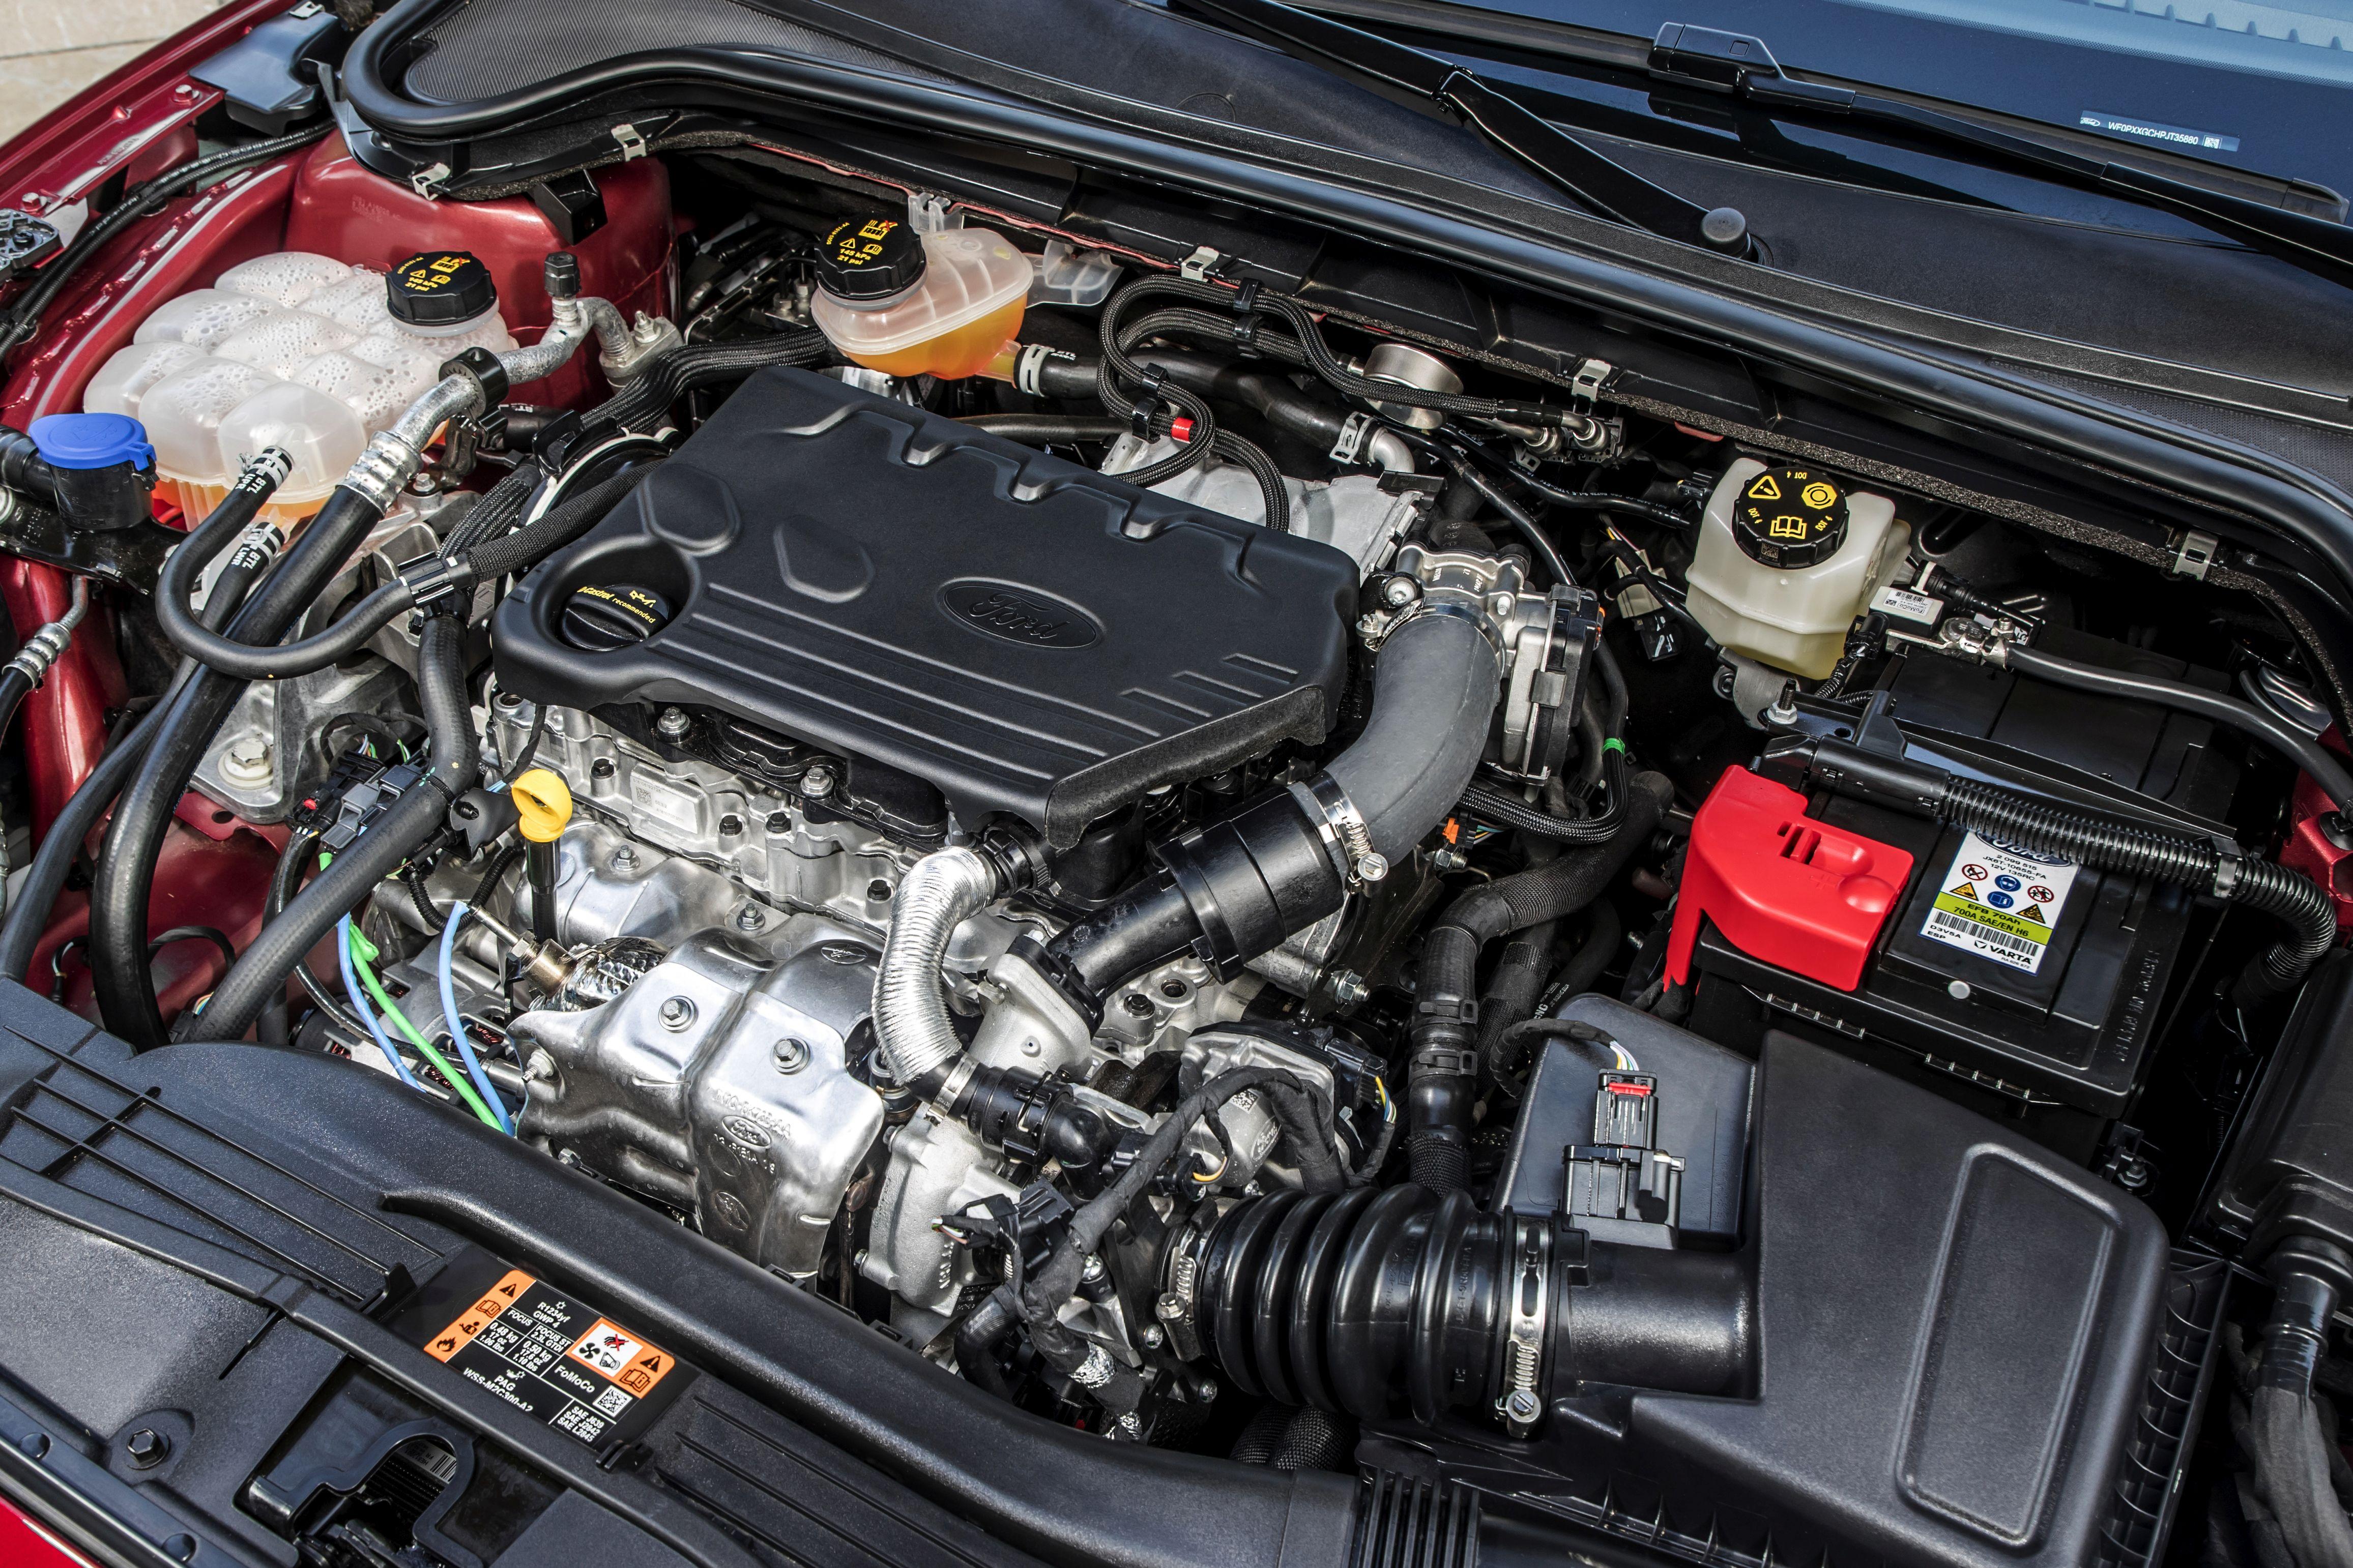 https://roadsrus.de/wp-content/uploads/2018/06/Focus-Vignale-042-Interieur-Motor-Nizza-2018-06-22-QF-Copyright-Ford.jpg